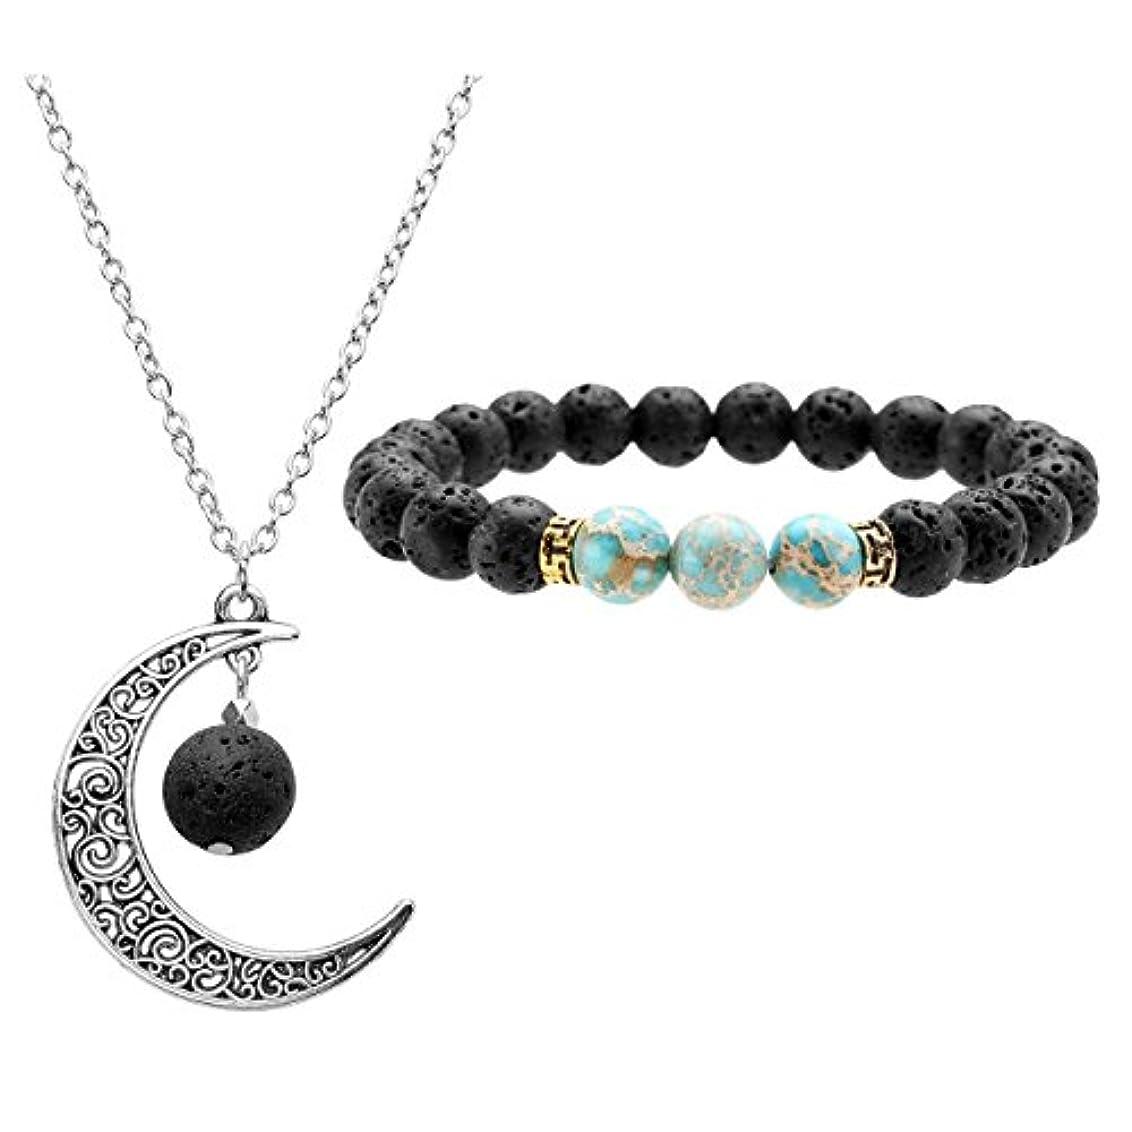 電球エピソードご意見JOVIVI Lava Stone Aromatherapy Essential Oil Diffuser Necklace Bracelet Set- Crescent Moon Jewellery